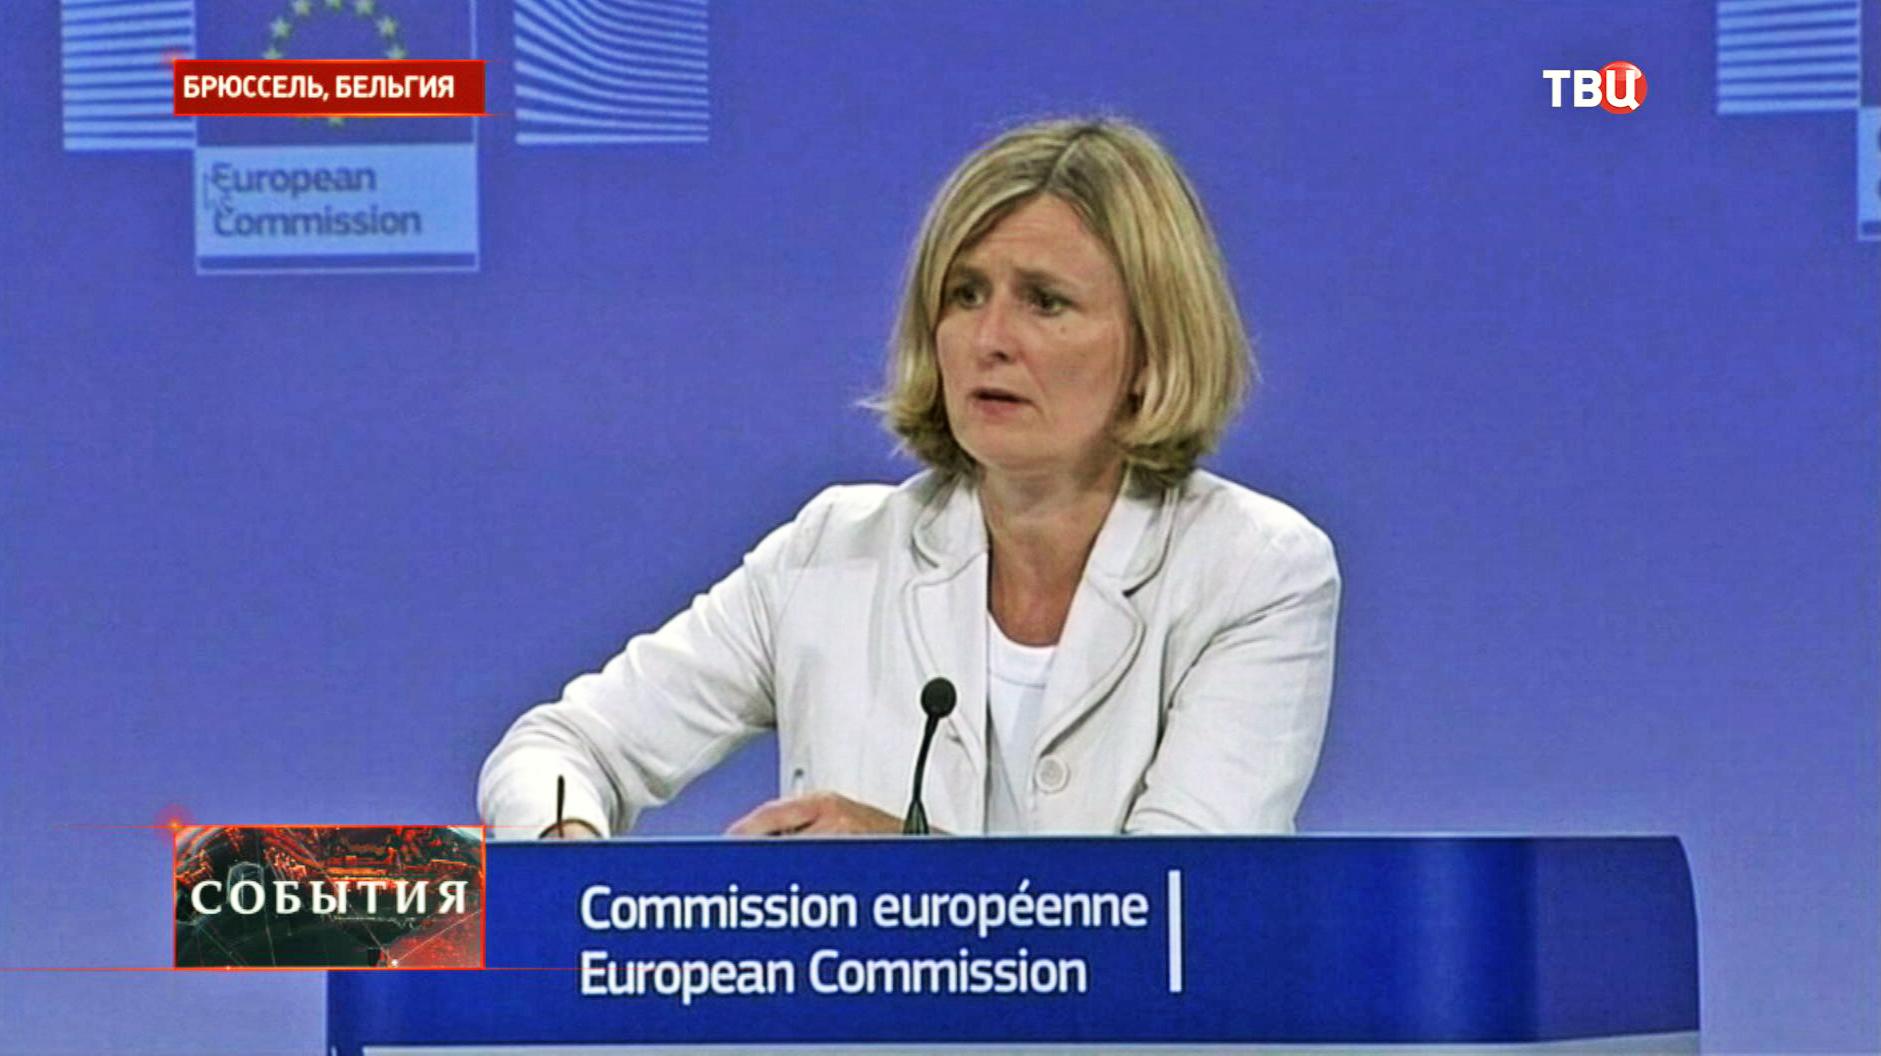 Официальный представитель Еврокомиссии Аренкильде Хансен